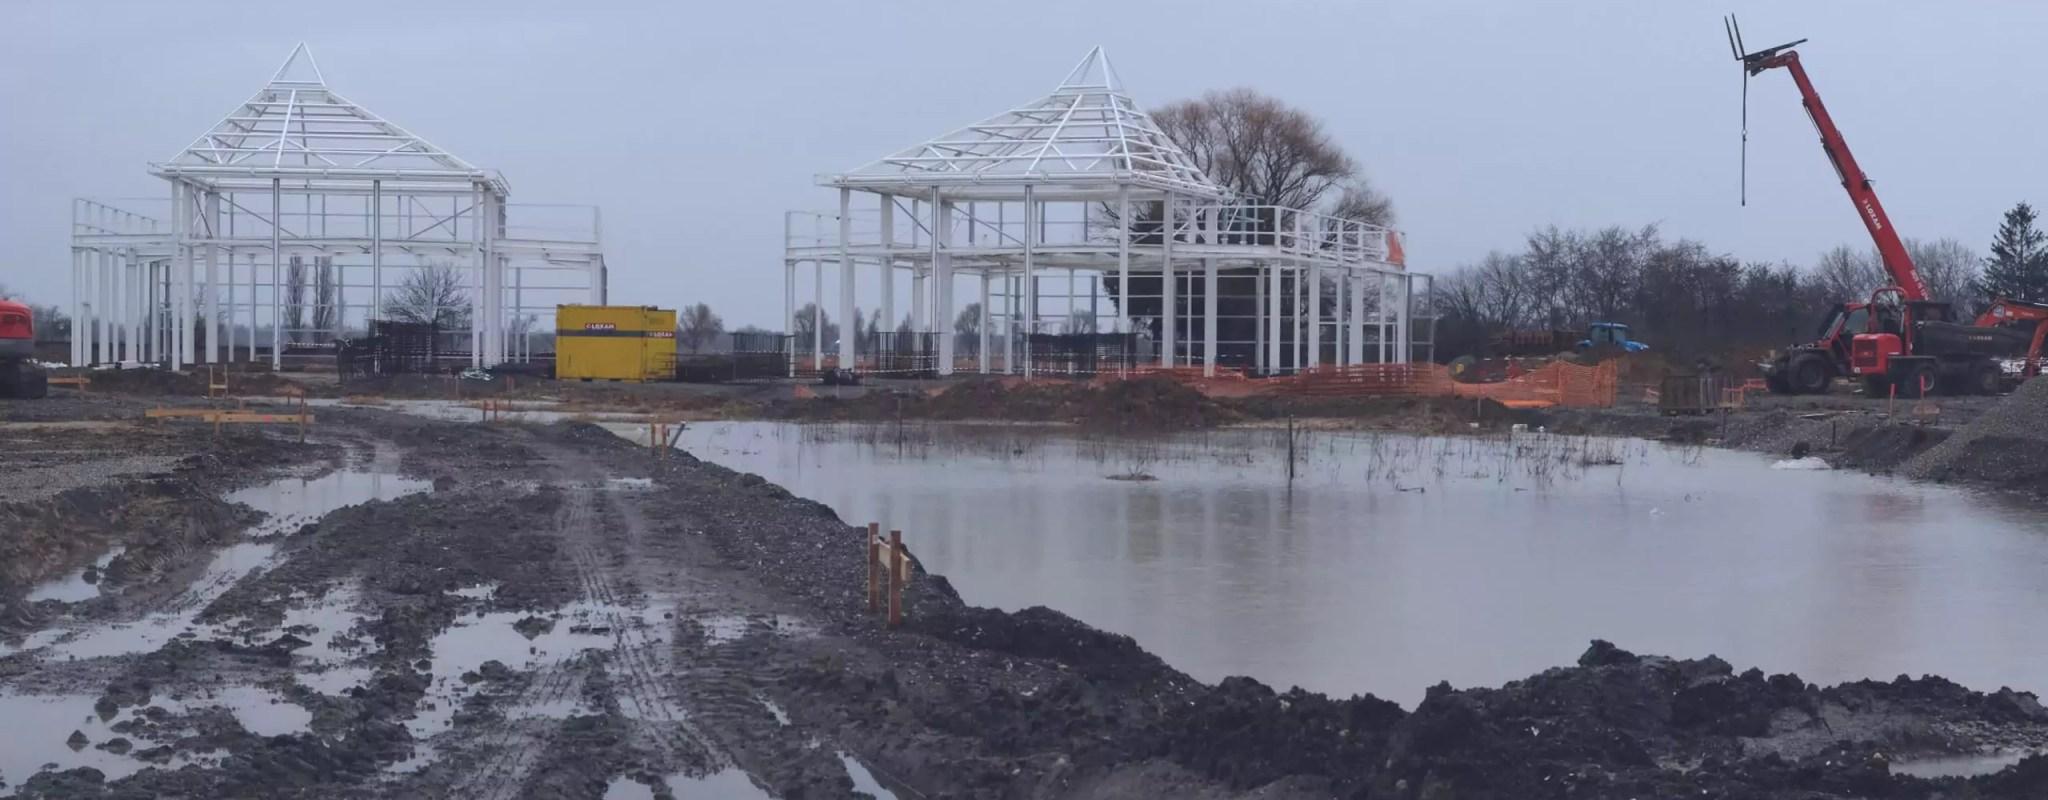 Béton, tôle et poteaux… Balade dans le chantier de la zone commerciale de Vendenheim